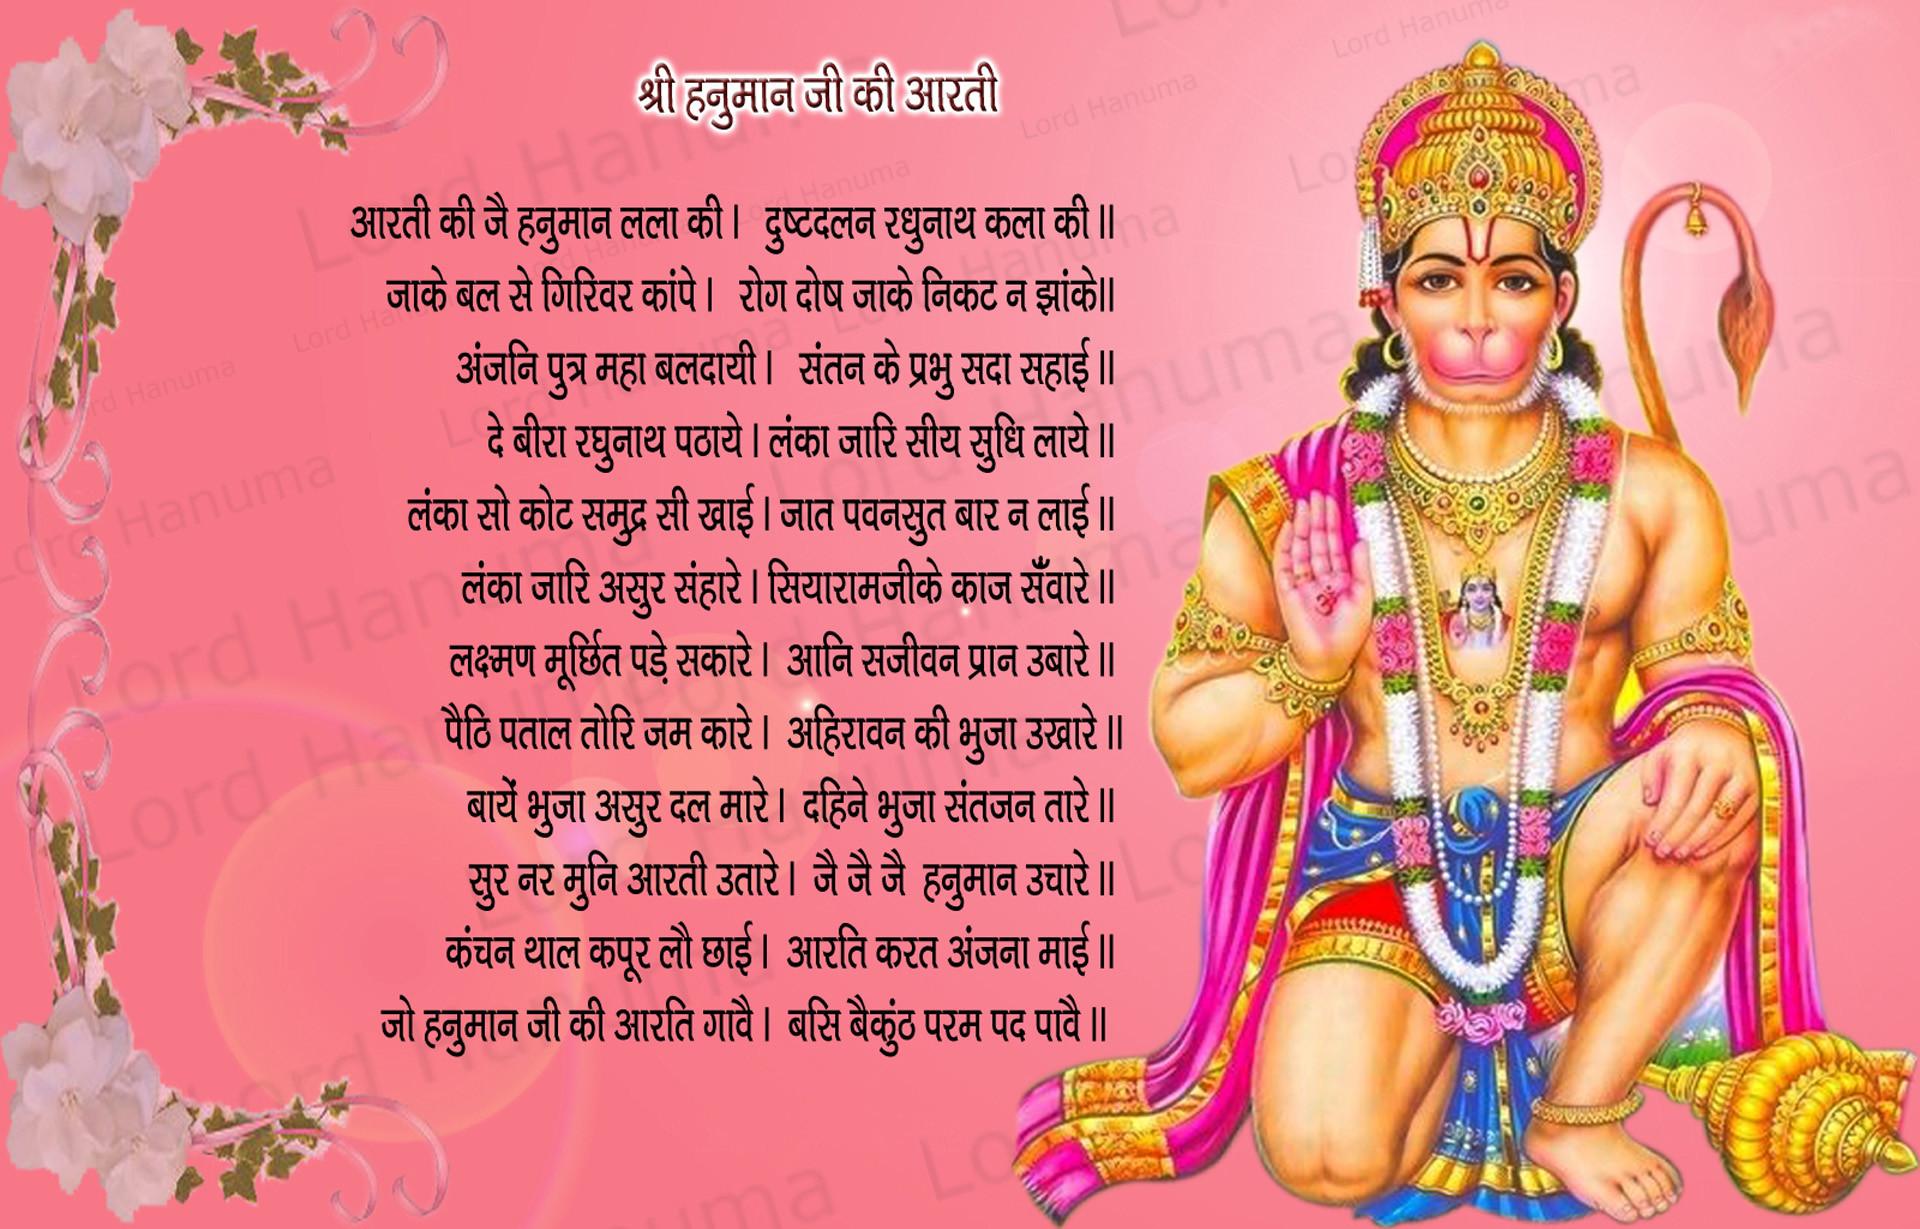 1920x1080 hindu god desktop wallpapers top 10 best wallpapers download